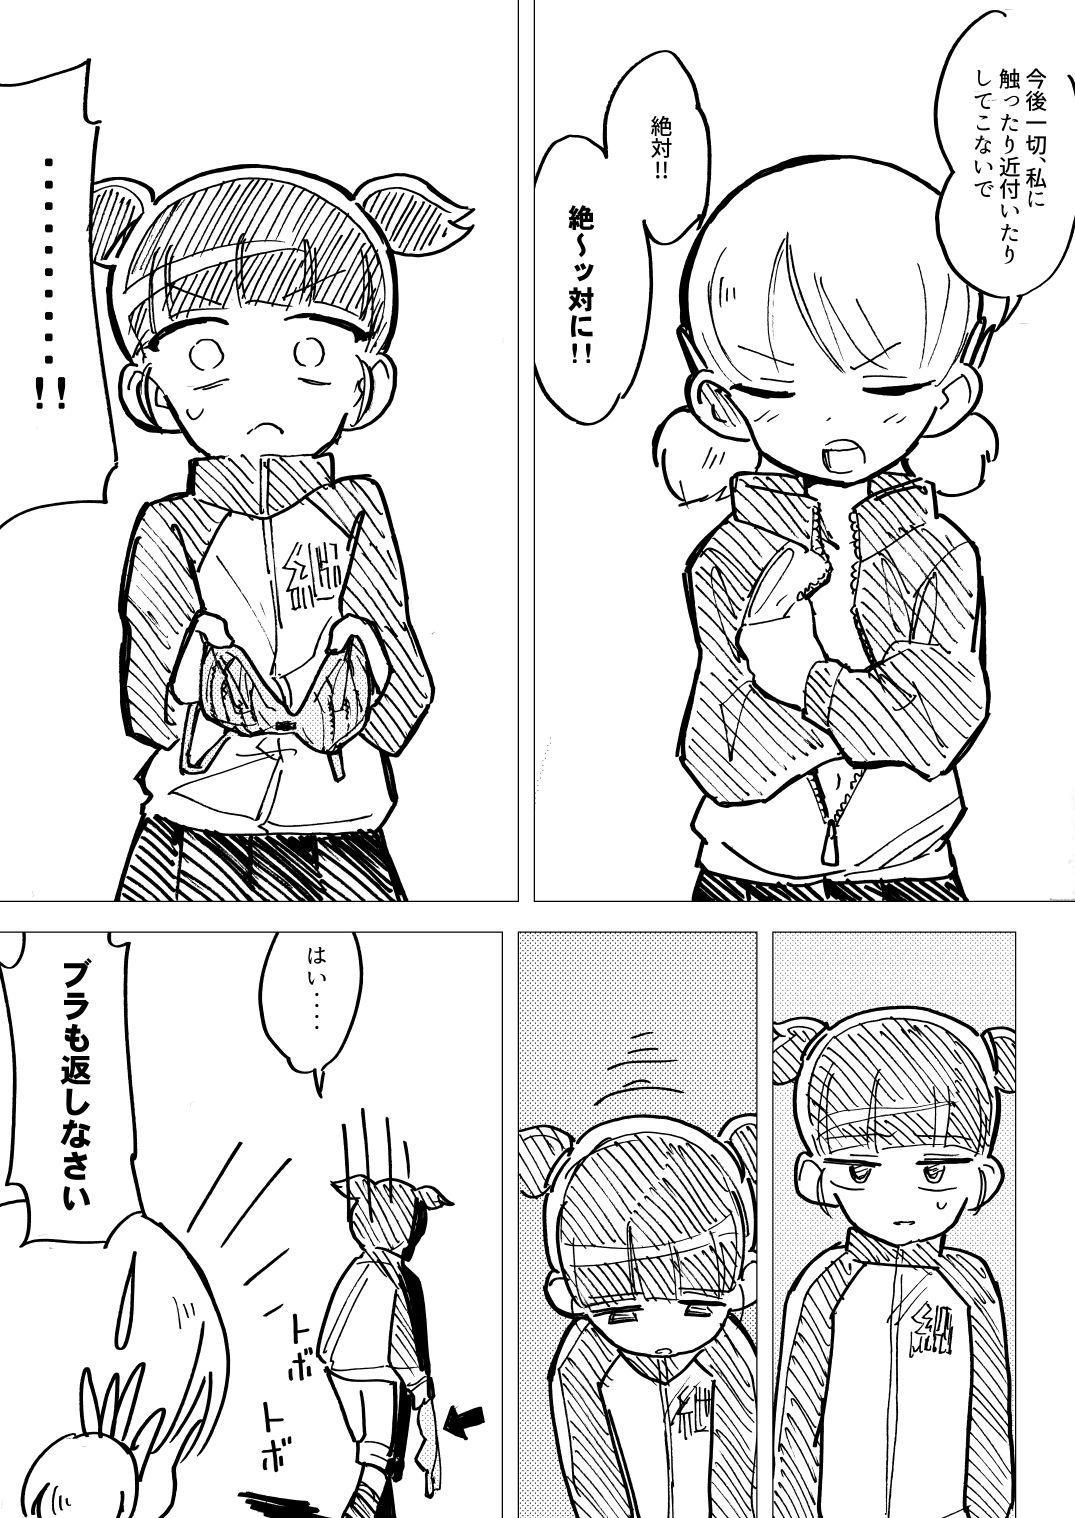 Nee Aki Kocchi Muite + 1 8